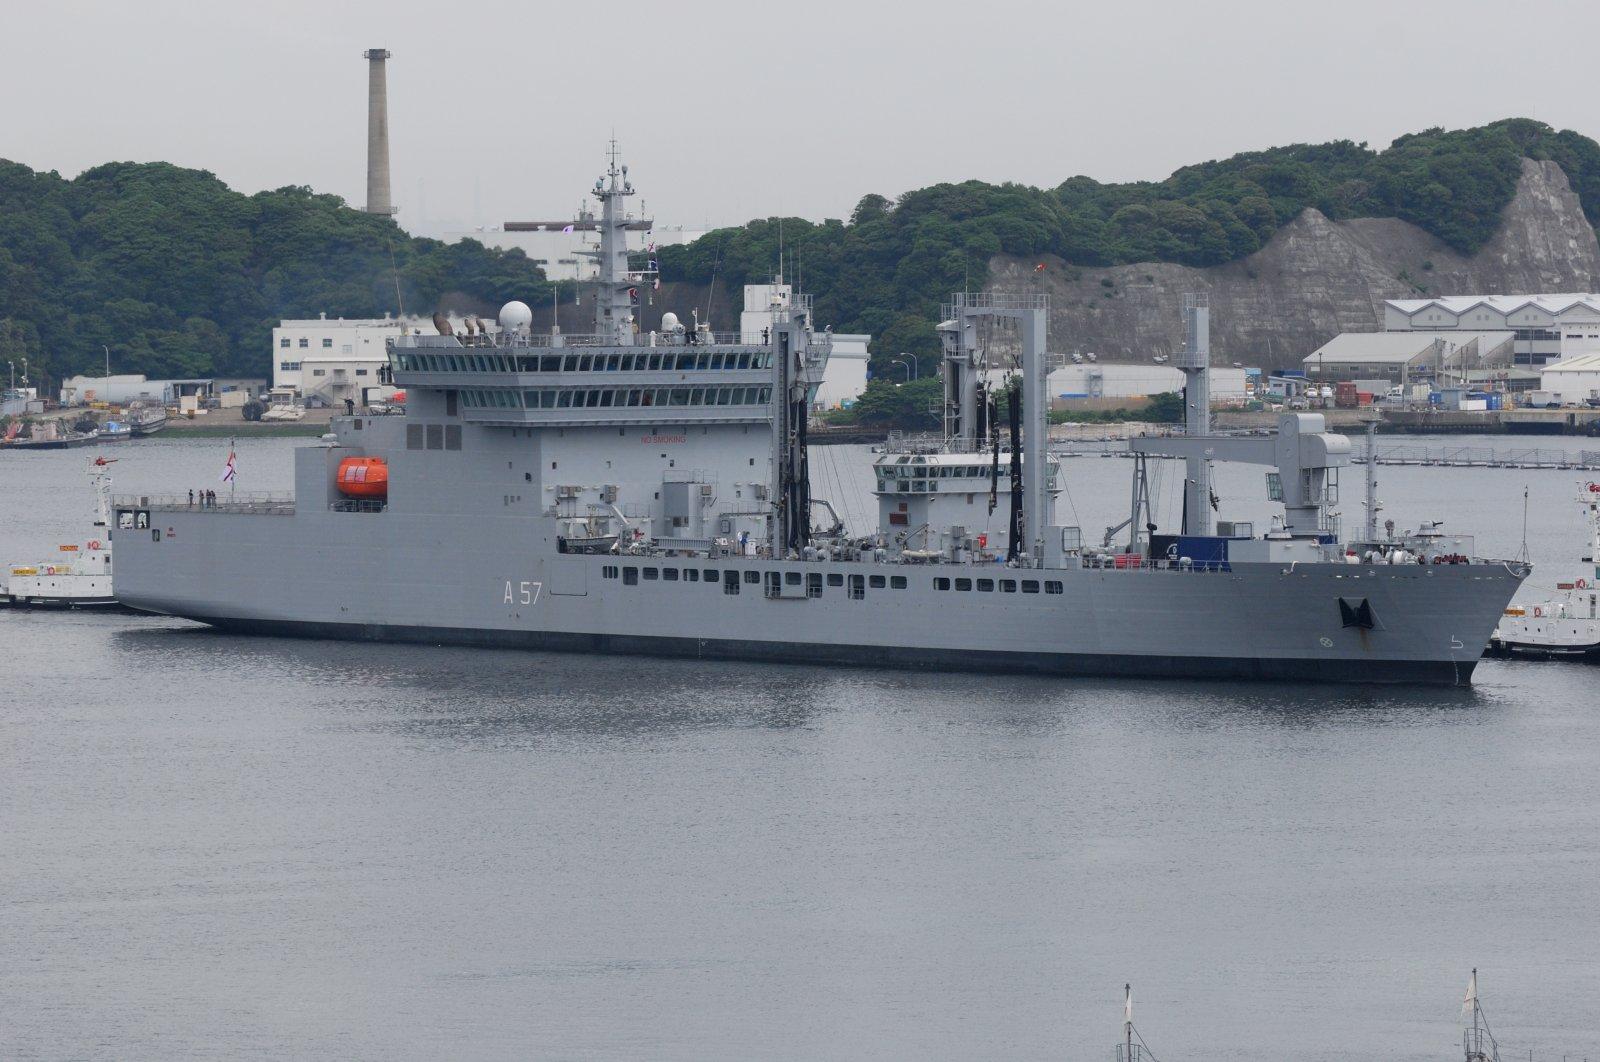 Indian Navy INS Shakti (A57), a Deepak-class fleet tanker, is seen off the shore of Kanagawa, Japan, June 5, 2012. (Shutterstock)